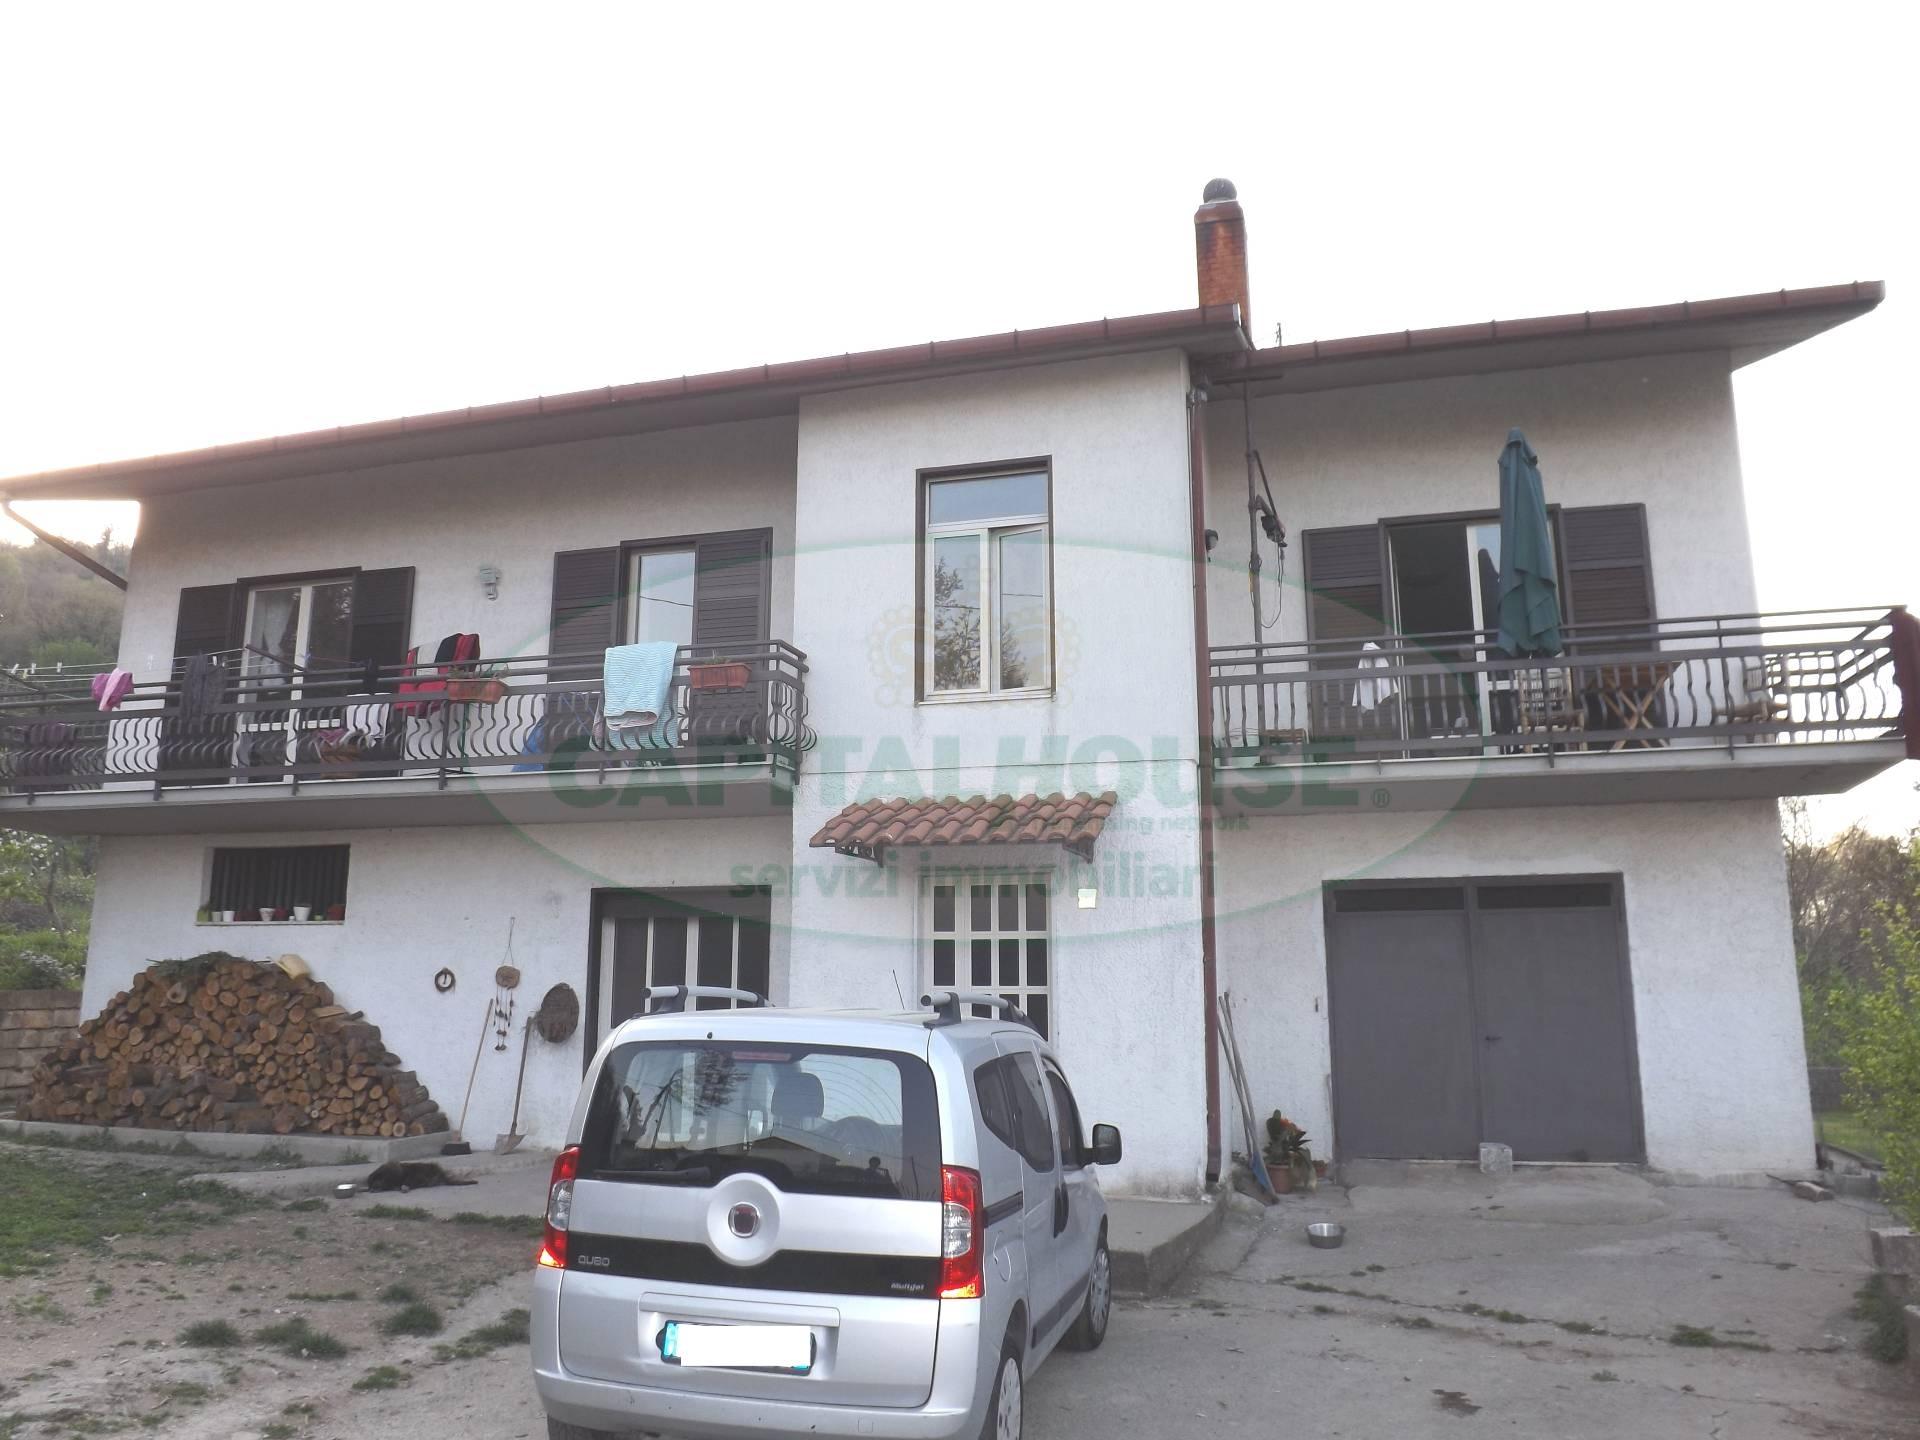 Villa in vendita a Aiello del Sabato, 4 locali, prezzo € 215.000 | Cambio Casa.it